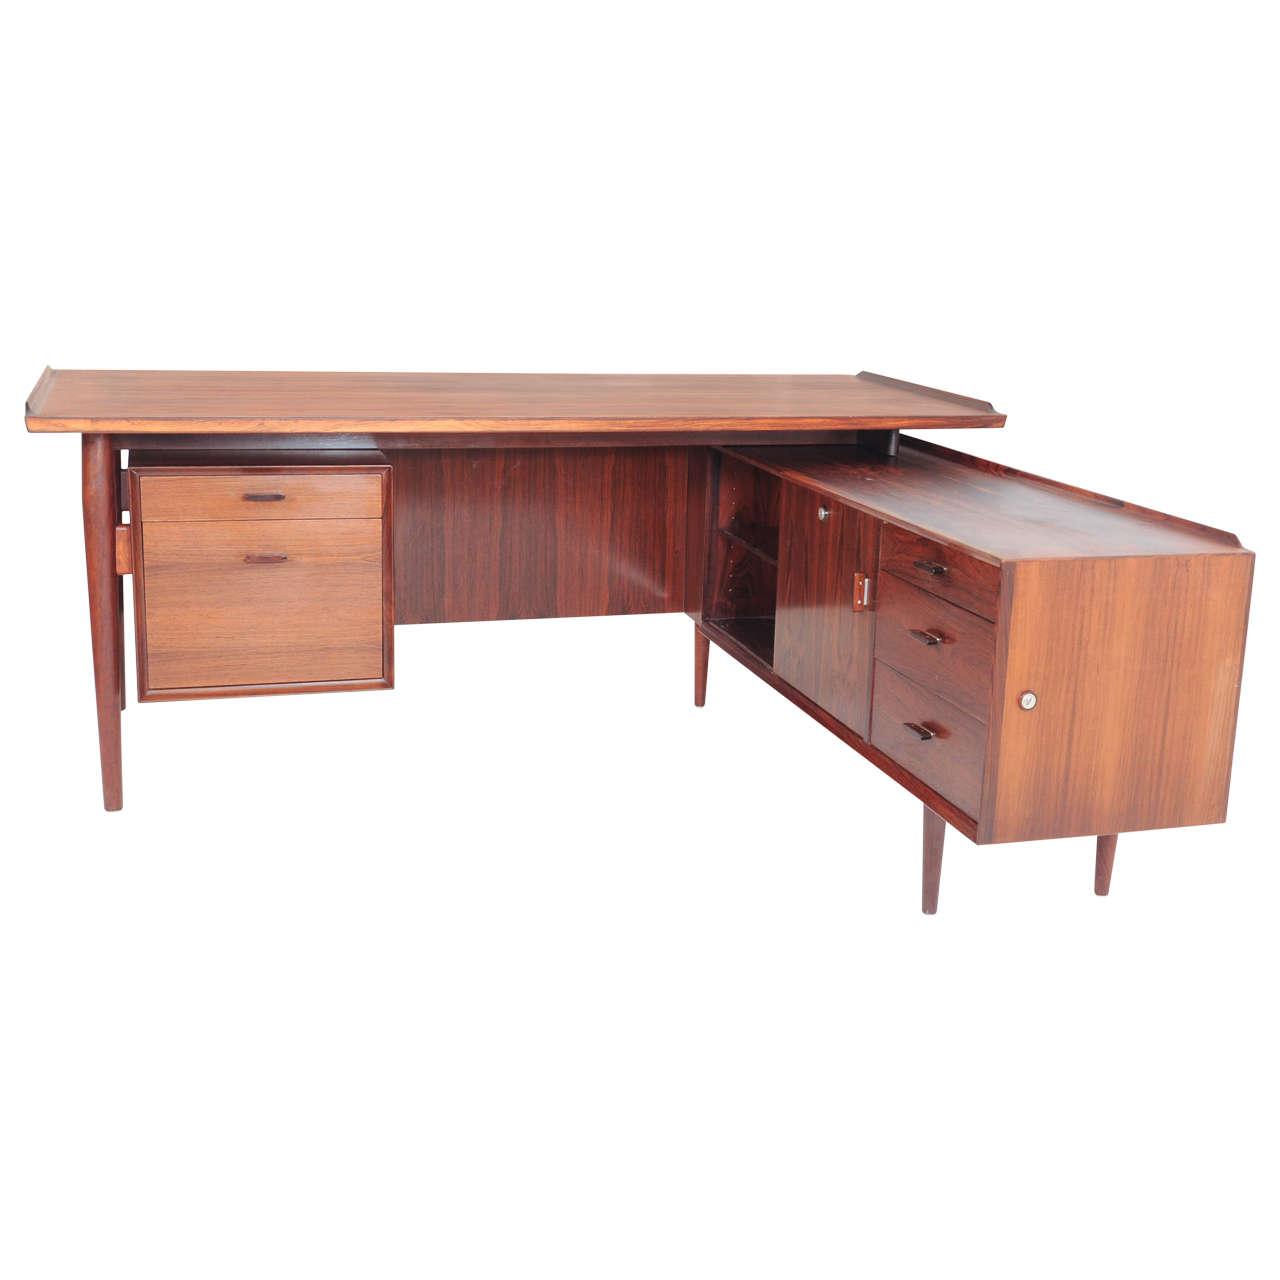 Arne Vodder For Sibast L Shaped Executive Desk And Sideboard